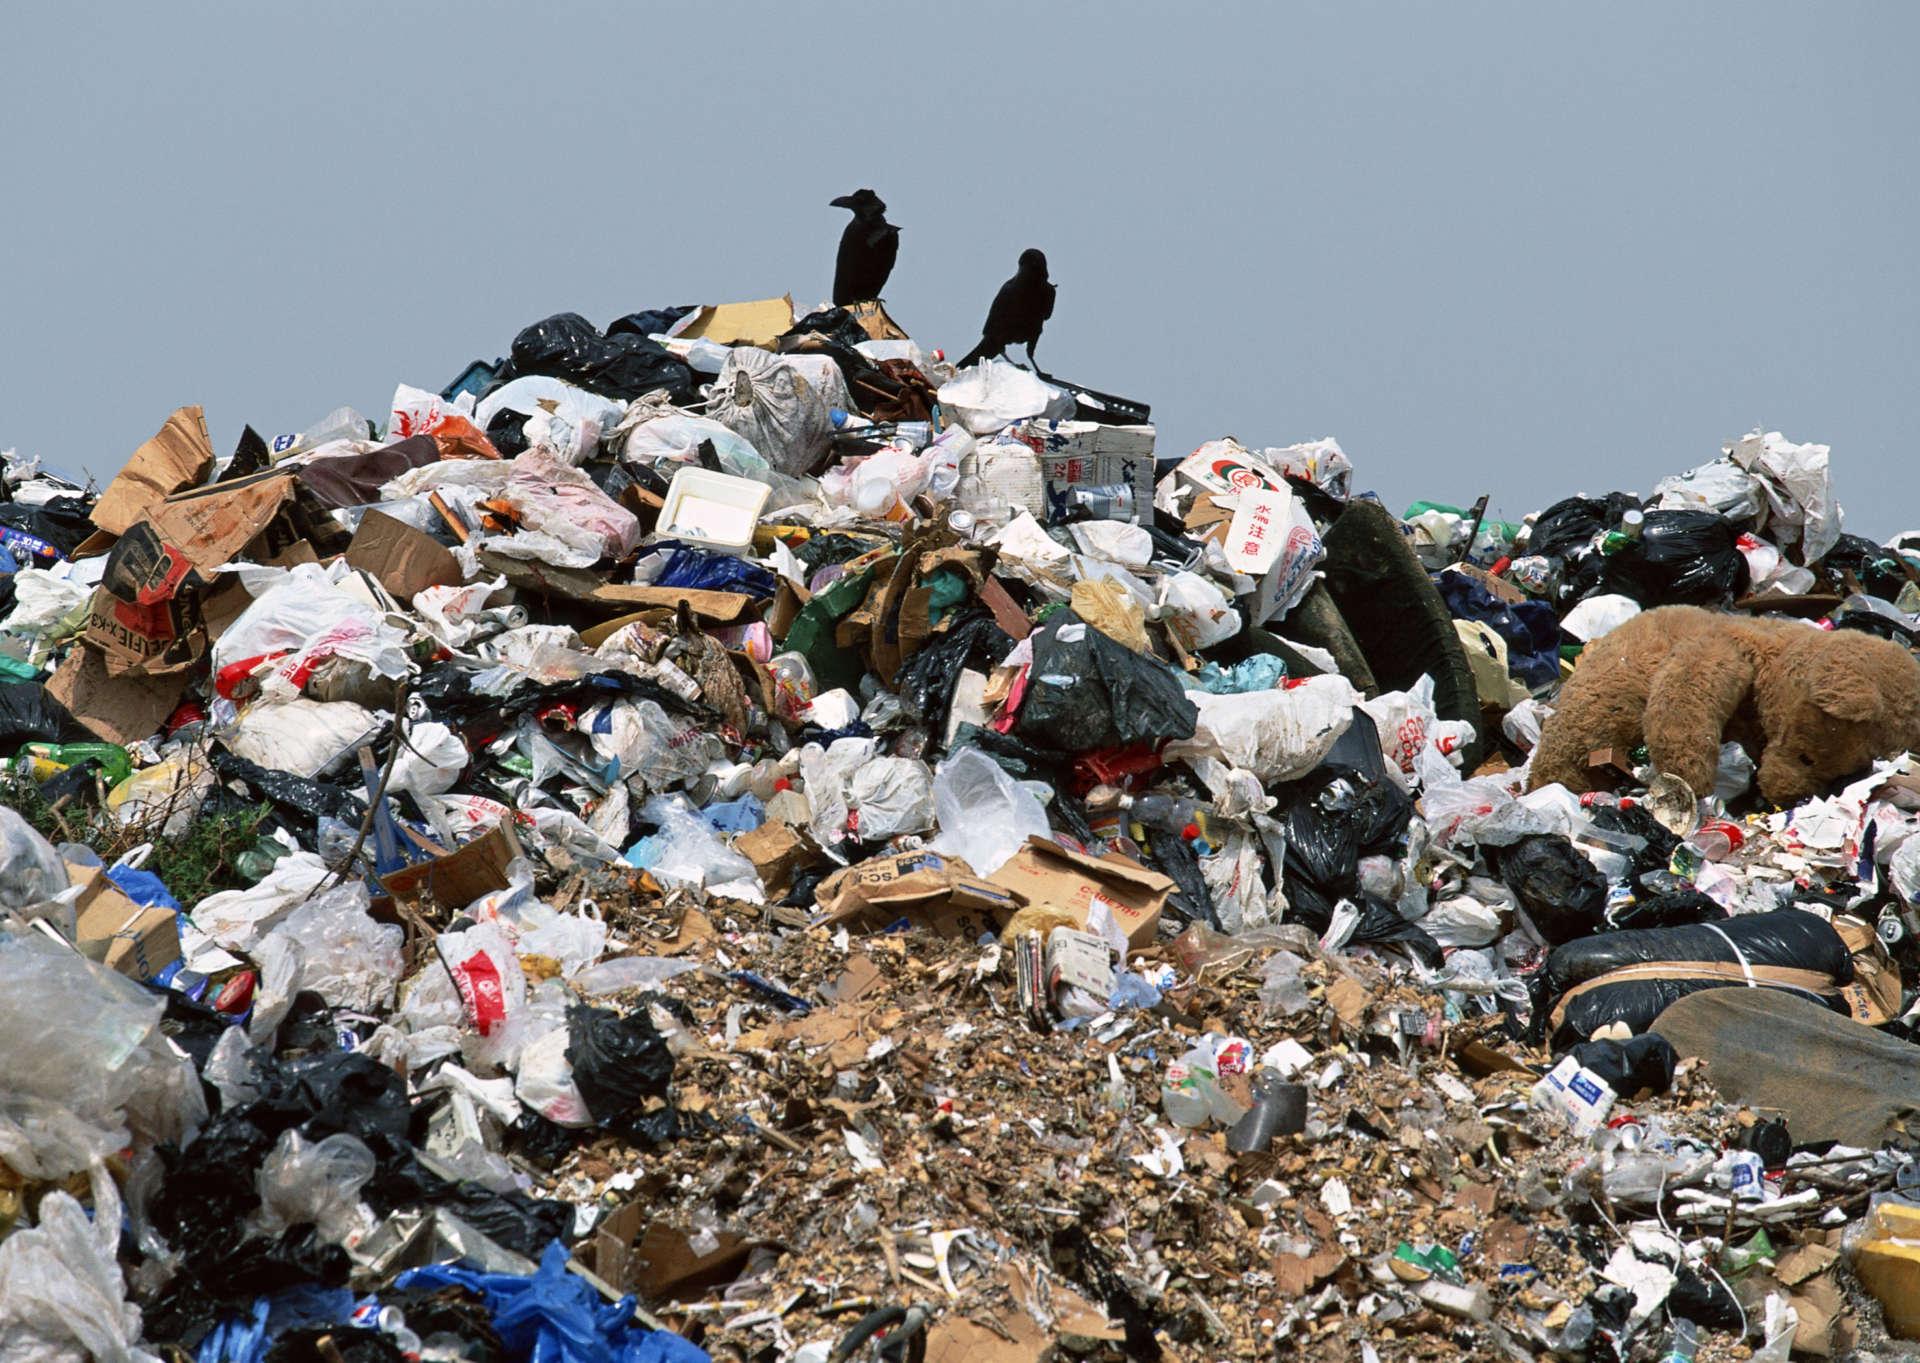 Петербург может стать единственным субъектом, который не смог провести мусорную реформу